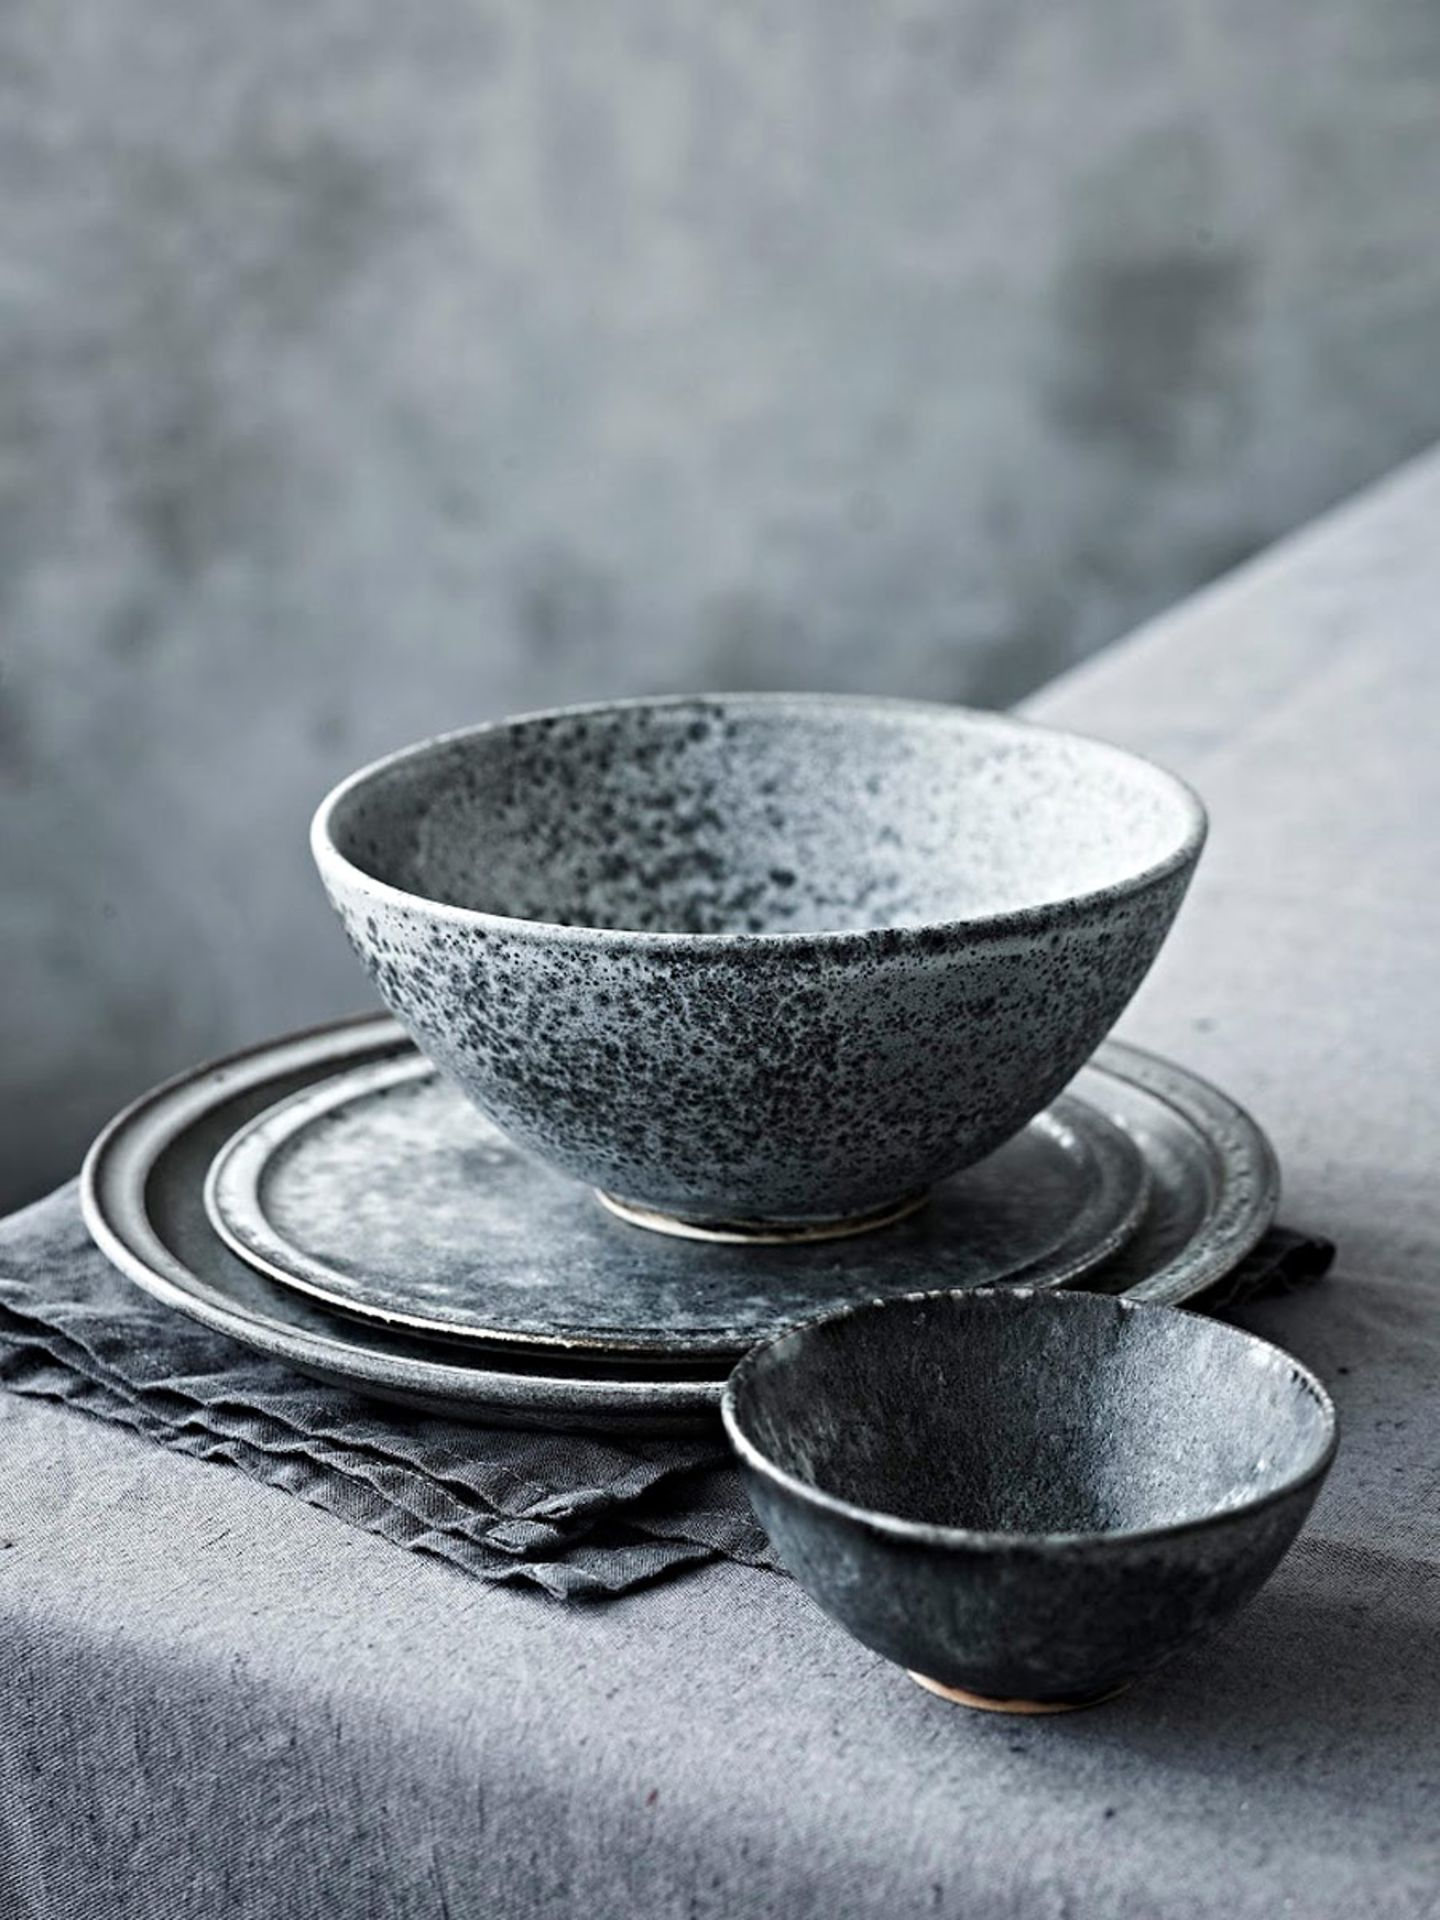 Handgefertigte Keramik von K.H. Würtz - Bild 15